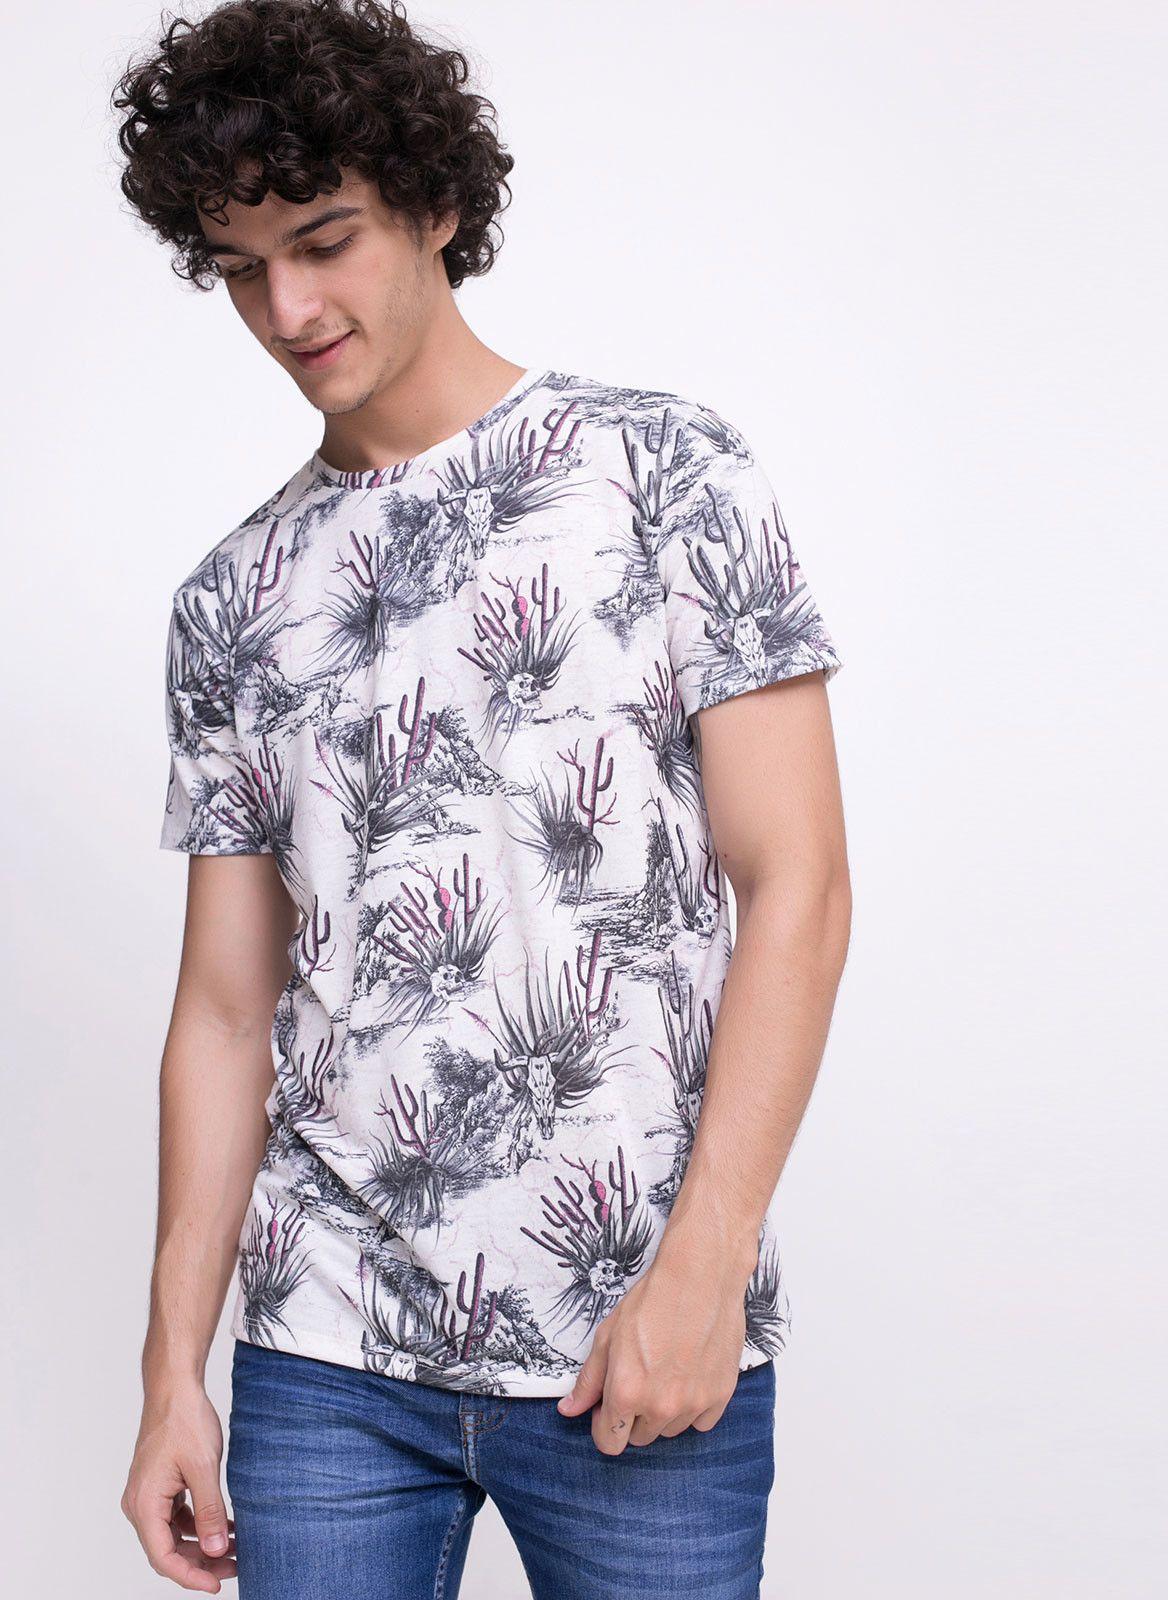 Camiseta Desert Skull - Youcom  d7abc9fdd5052